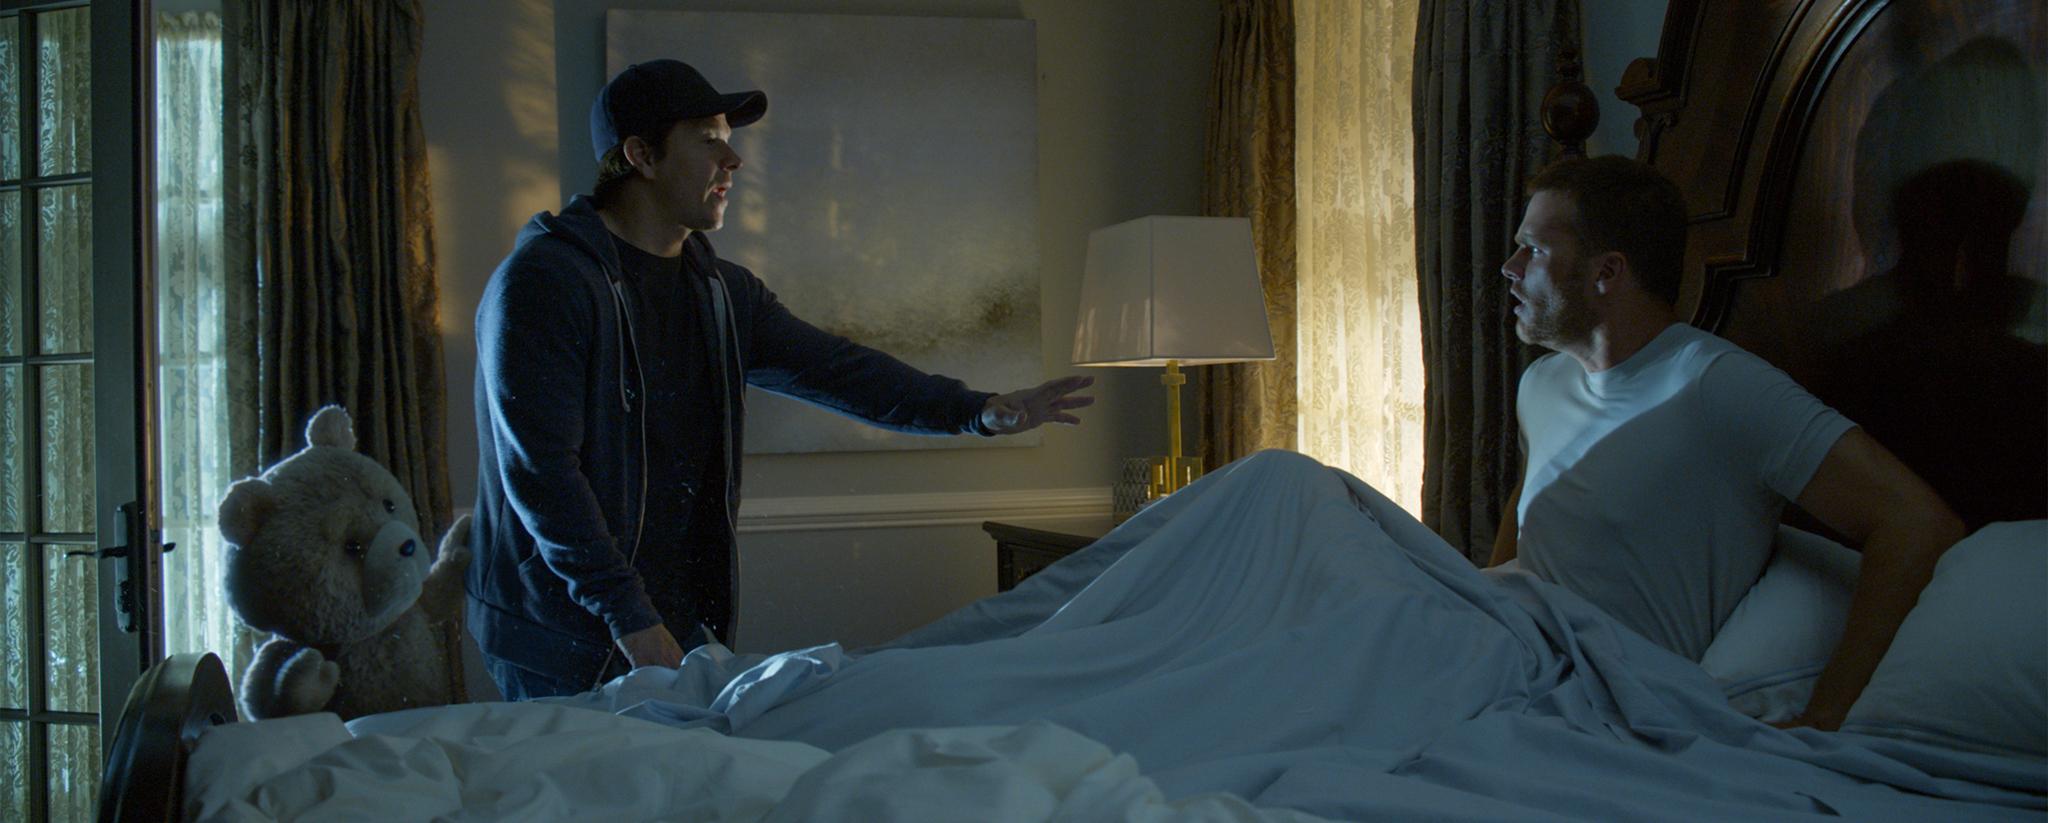 Mark Wahlberg, Seth MacFarlane, and Tom Brady in Ted 2 (2015)